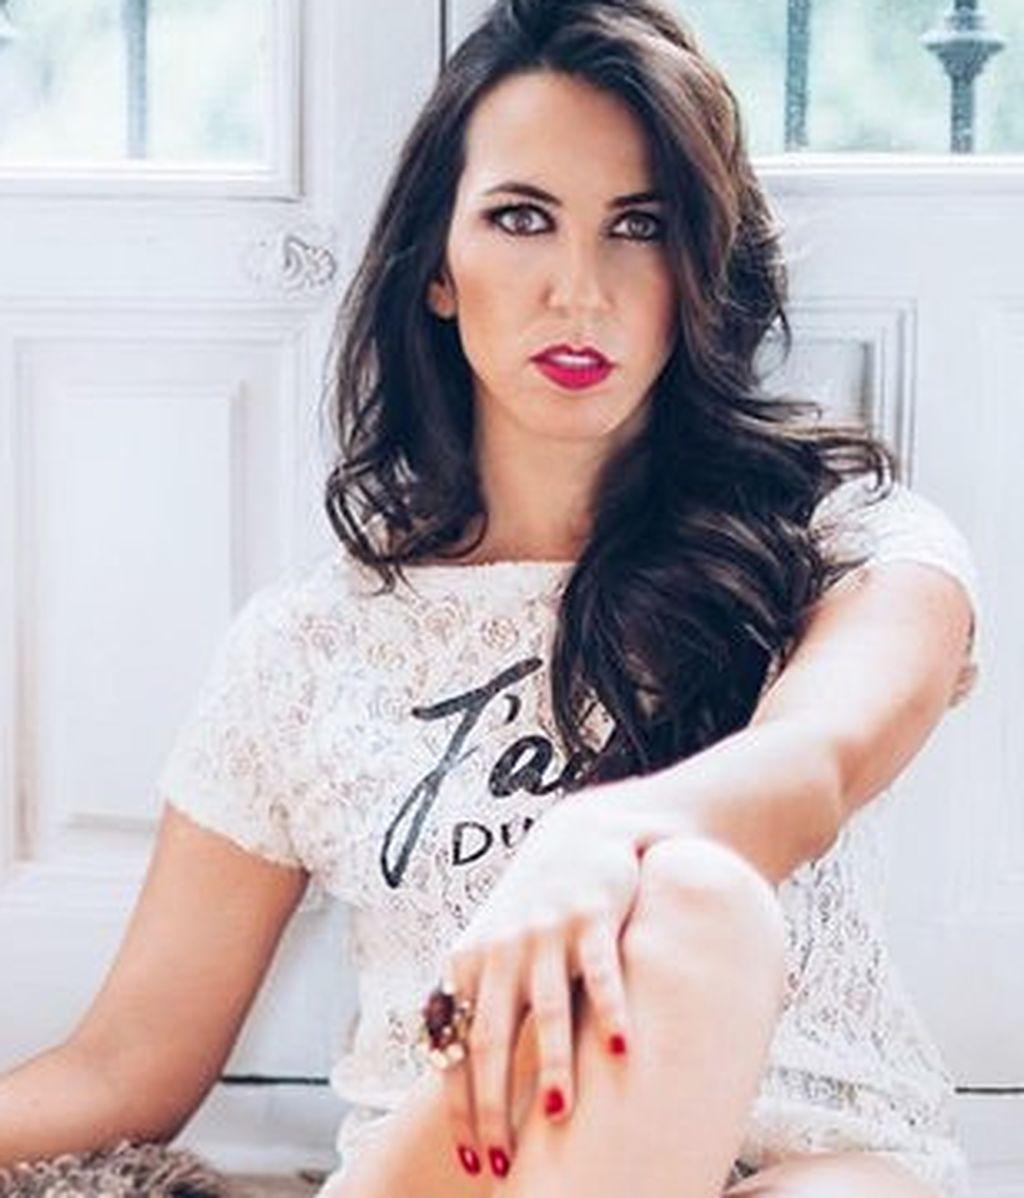 Irene Junquera comparte las fotos definitivas ¿Qué confirmarían su noviazgo con Pablo Puyol?